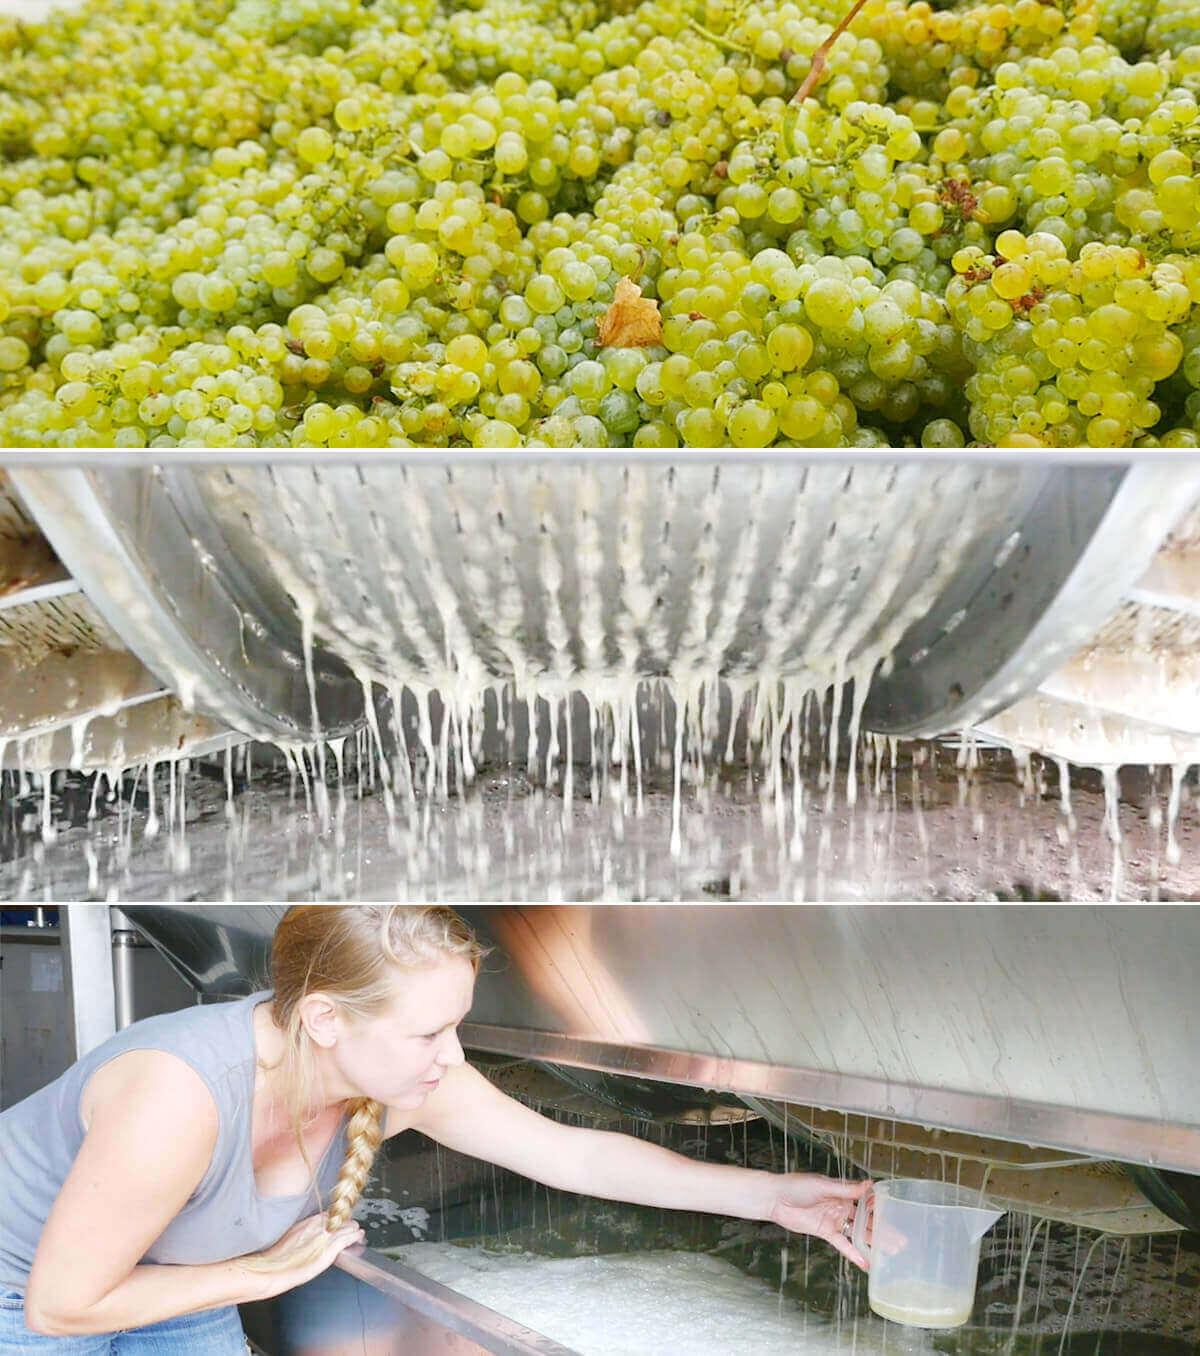 Proces mycia winogron